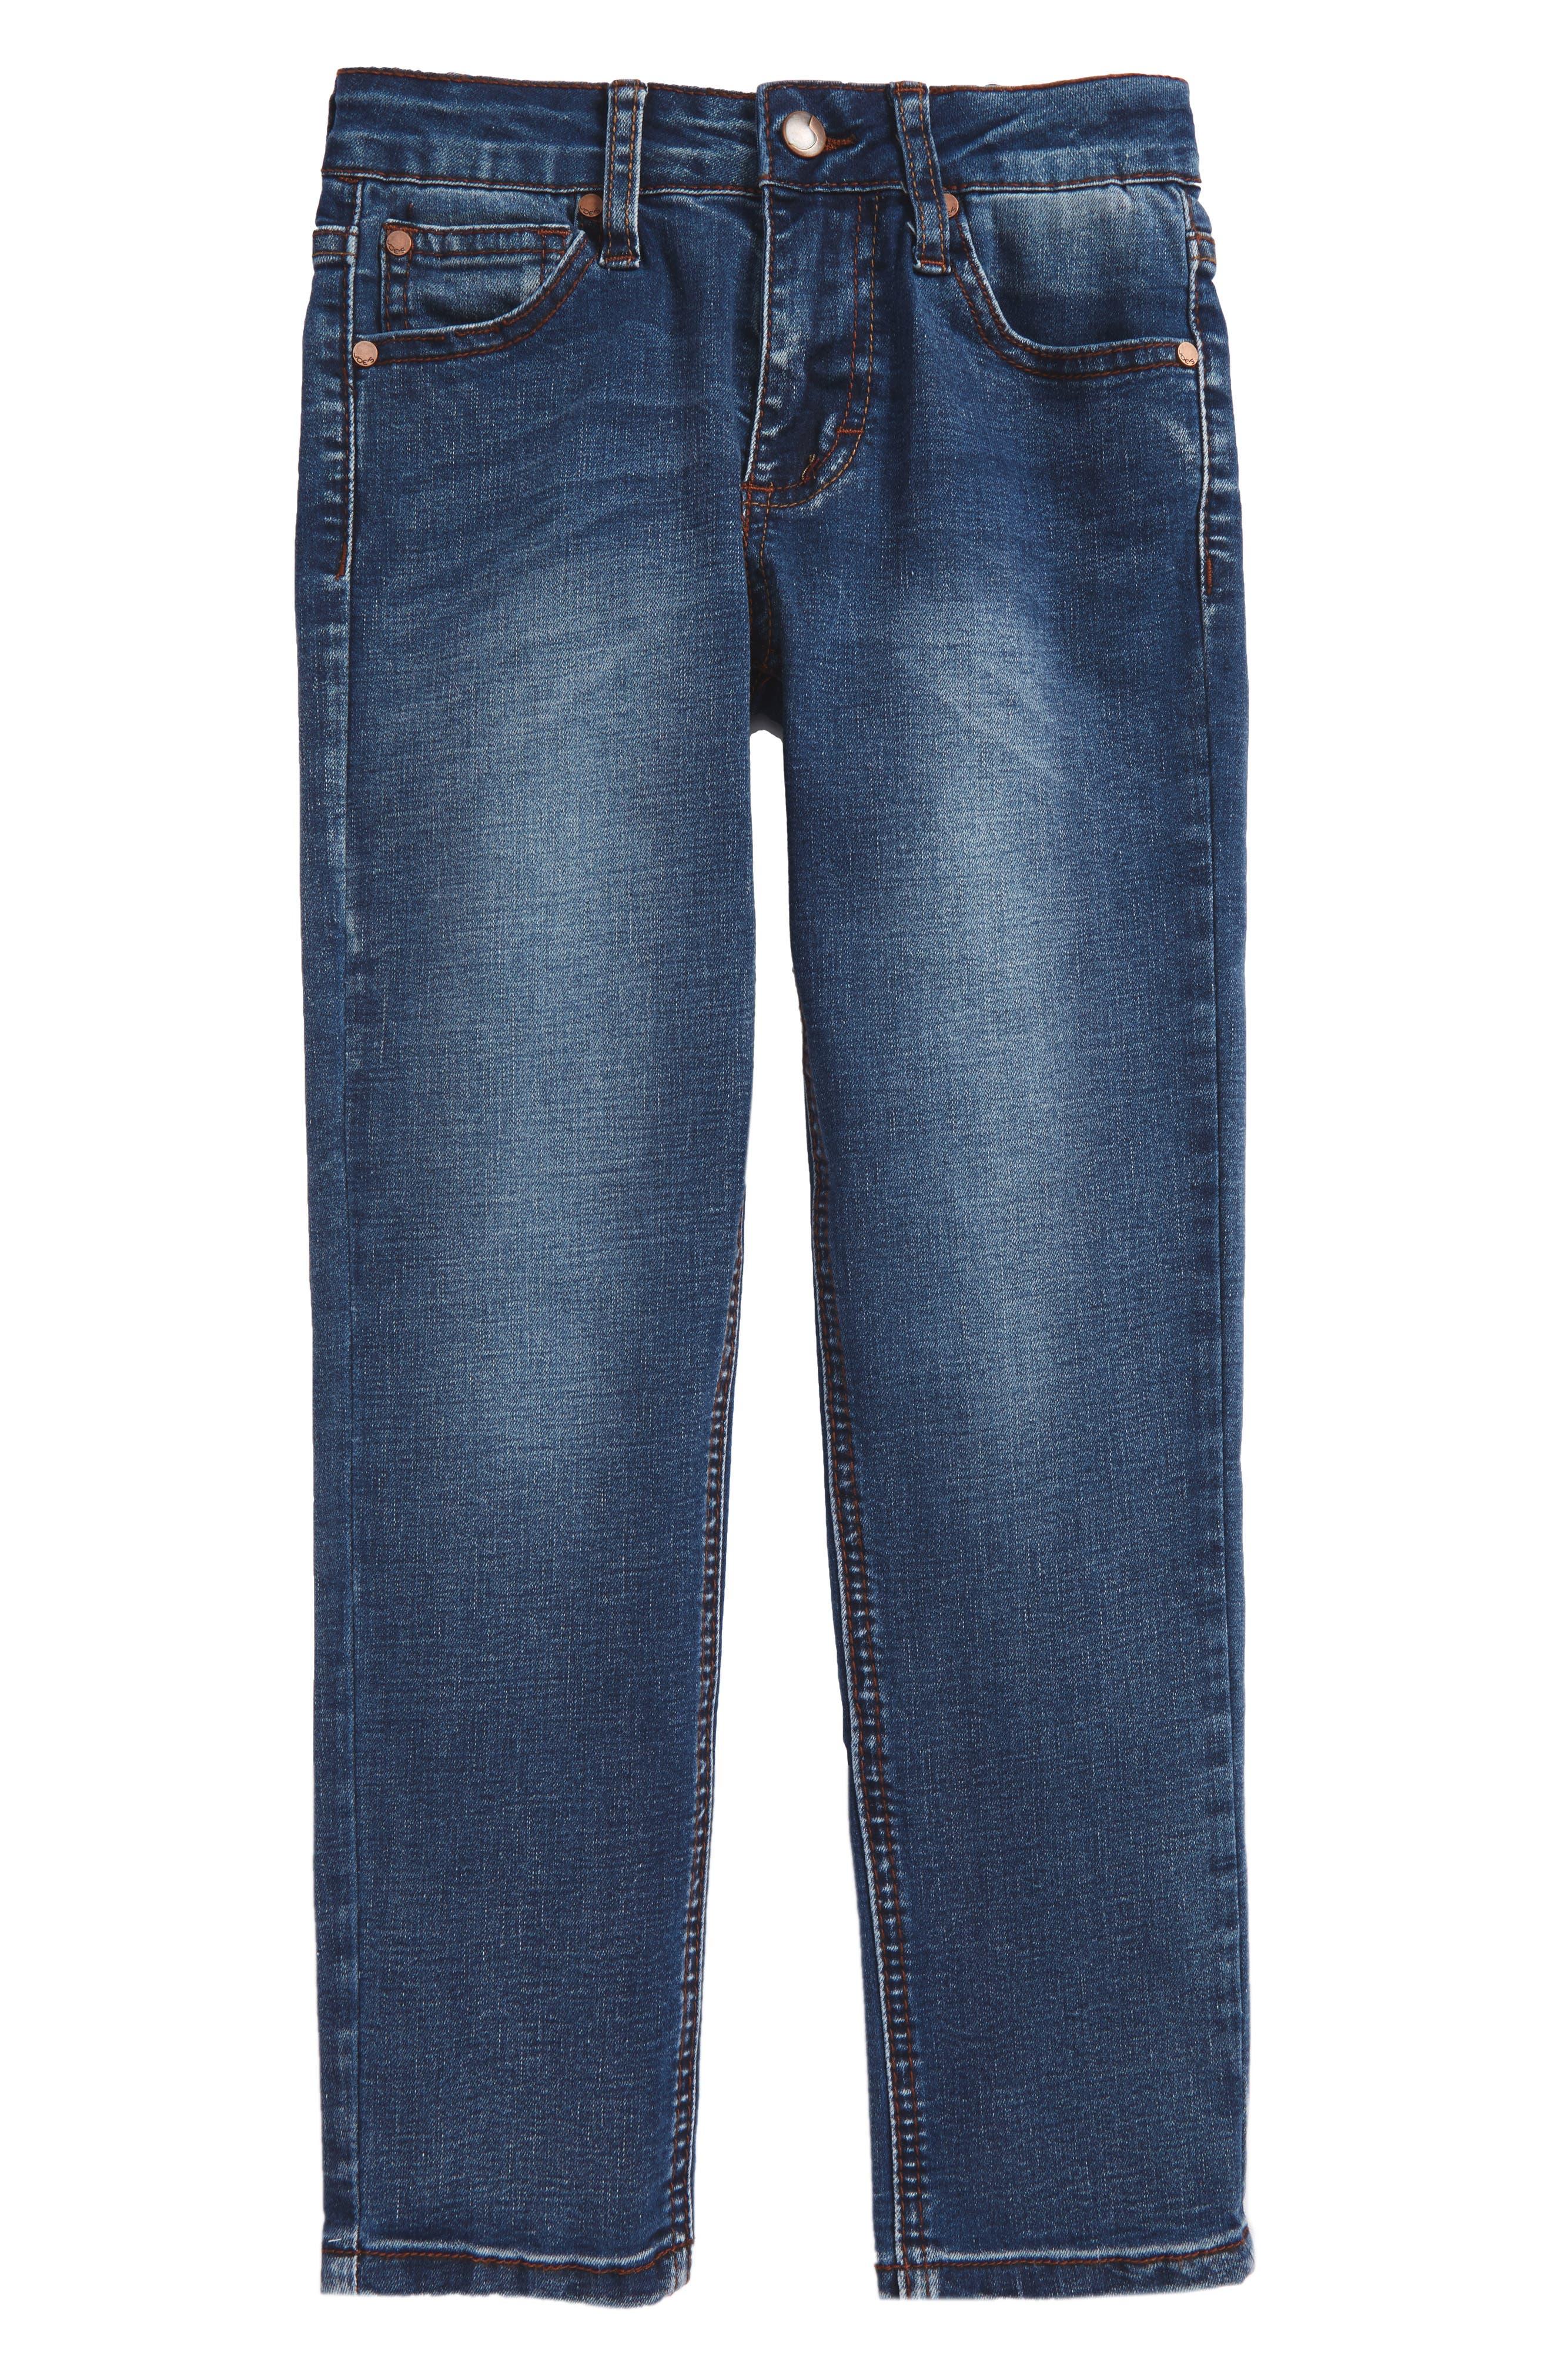 Brixton Slim Fit Stretch Jeans,                             Main thumbnail 1, color,